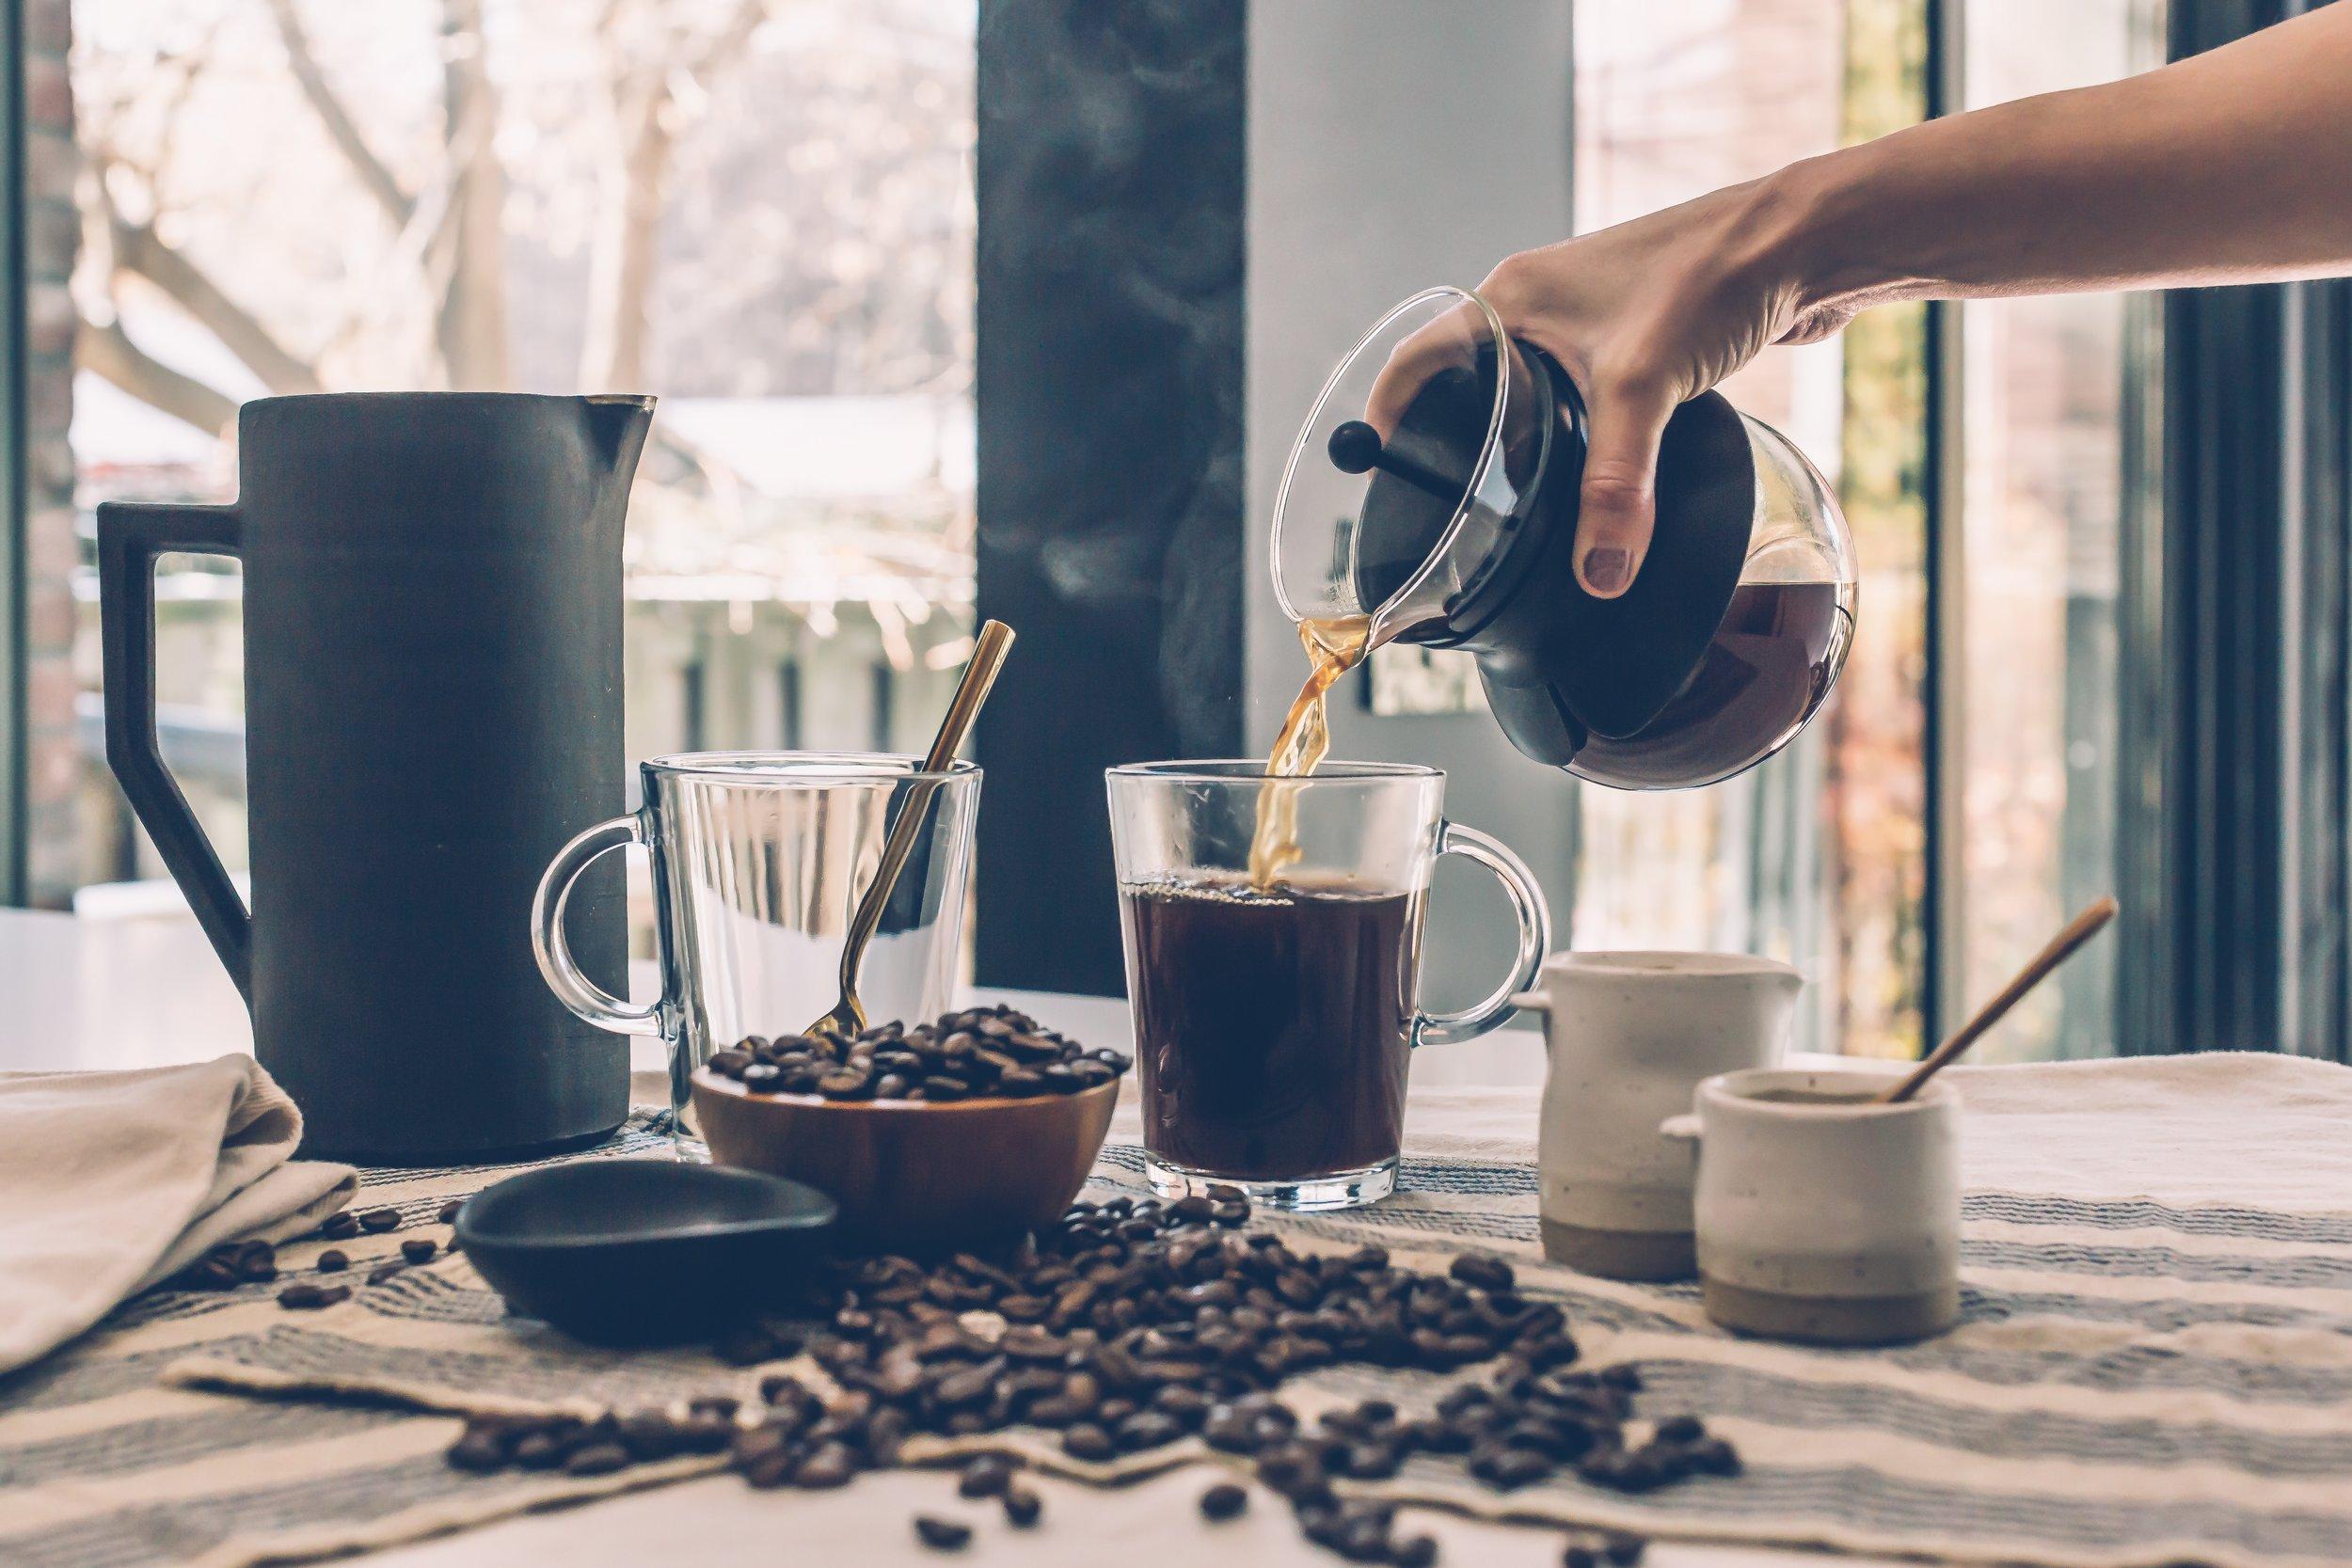 beverage-breakfast-brewed-coffee-374885.jpg